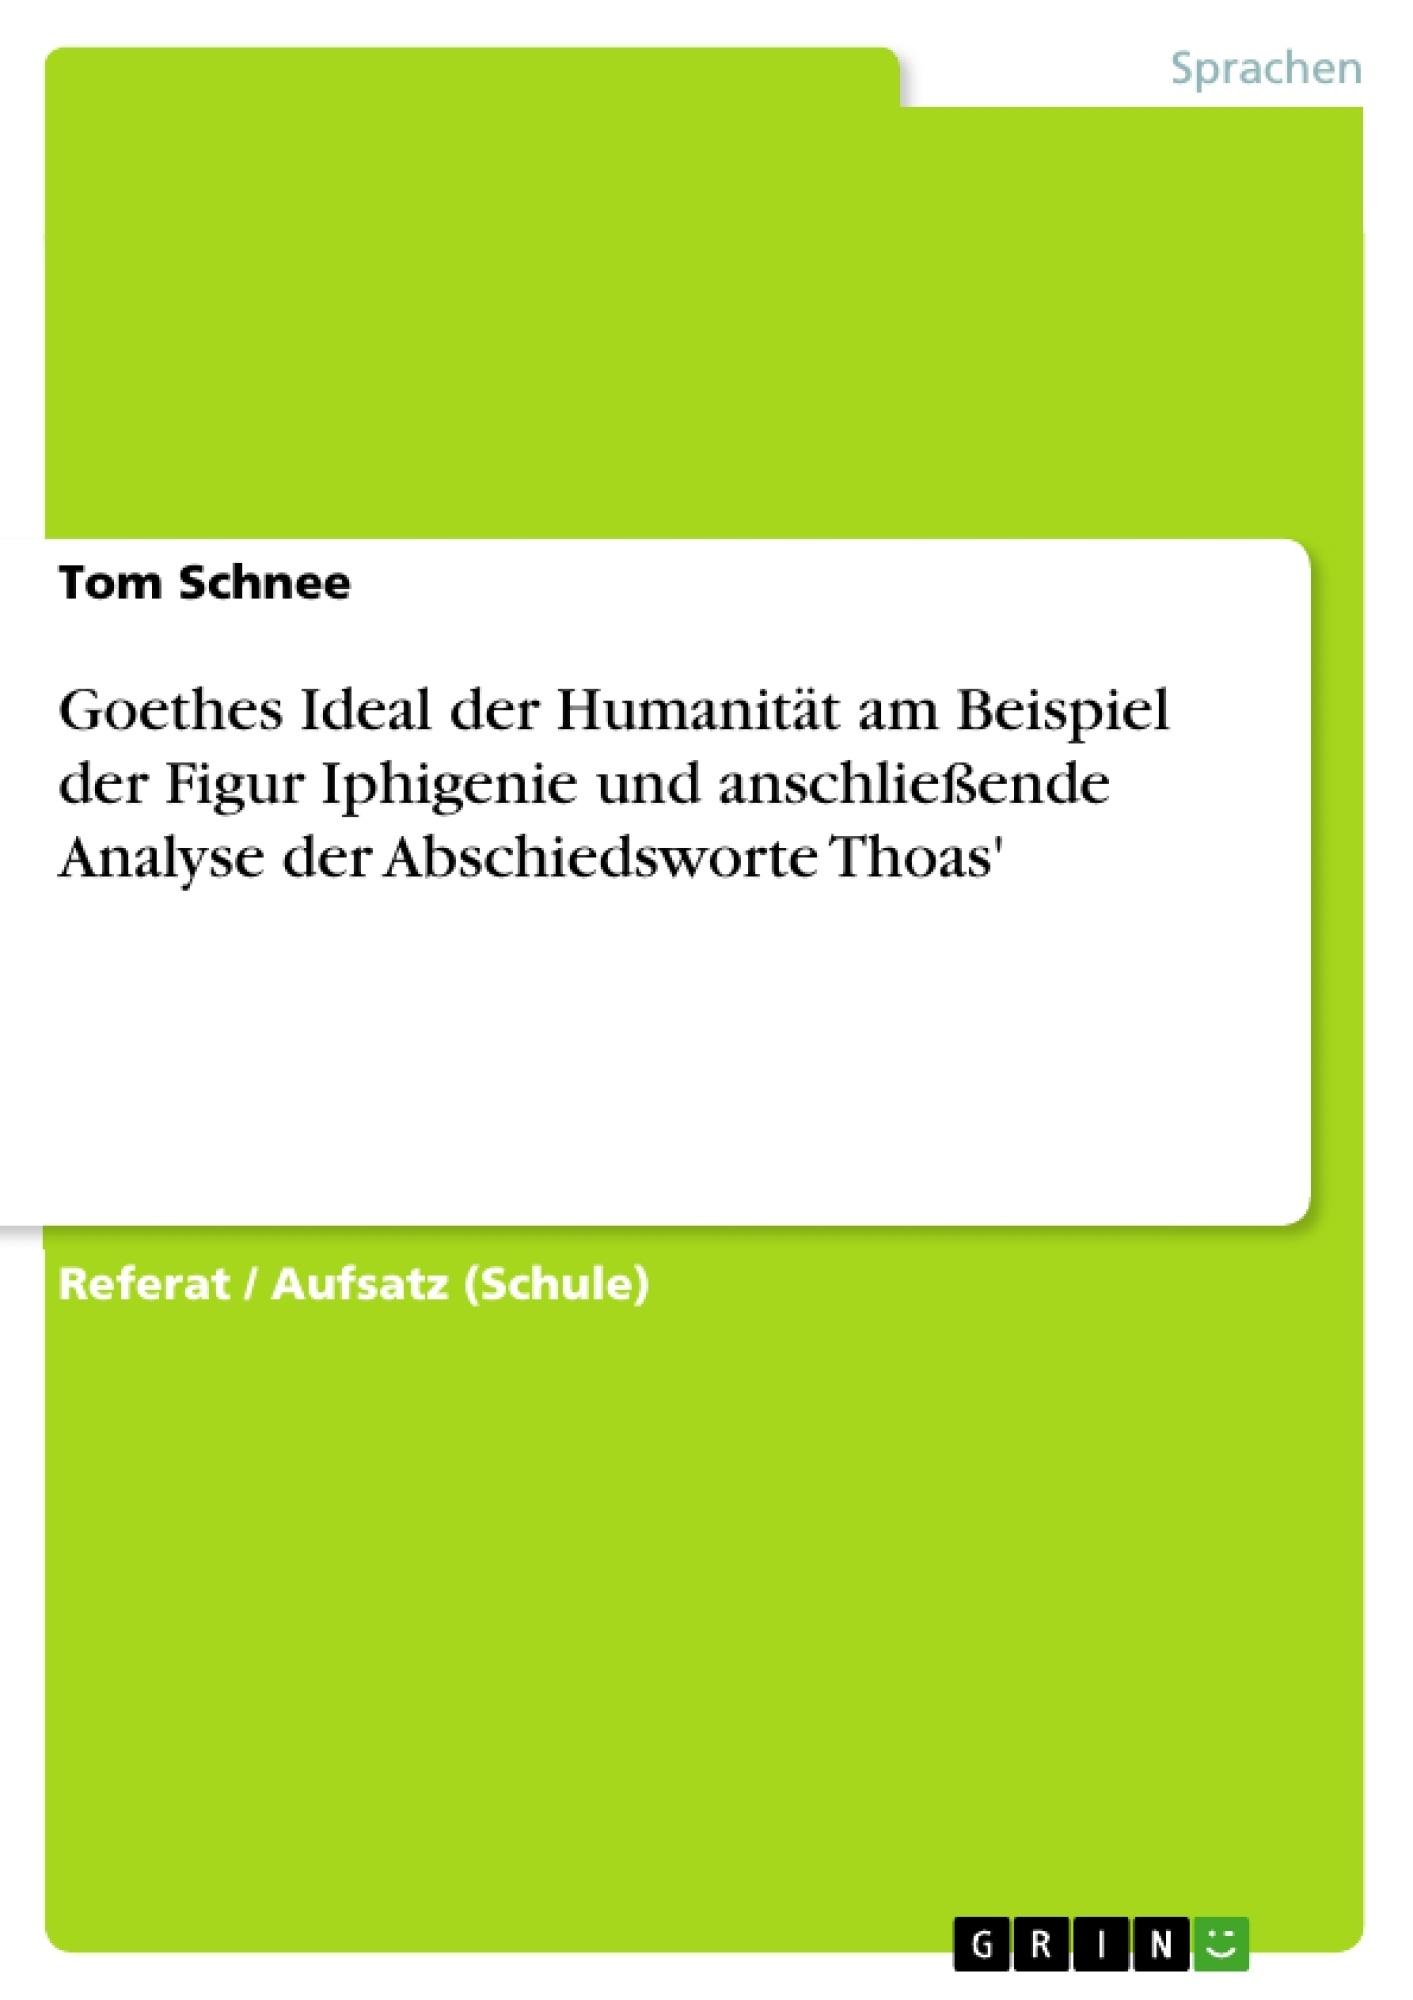 Titel: Goethes Ideal der Humanität am Beispiel der Figur Iphigenie und anschließende Analyse der Abschiedsworte Thoas'